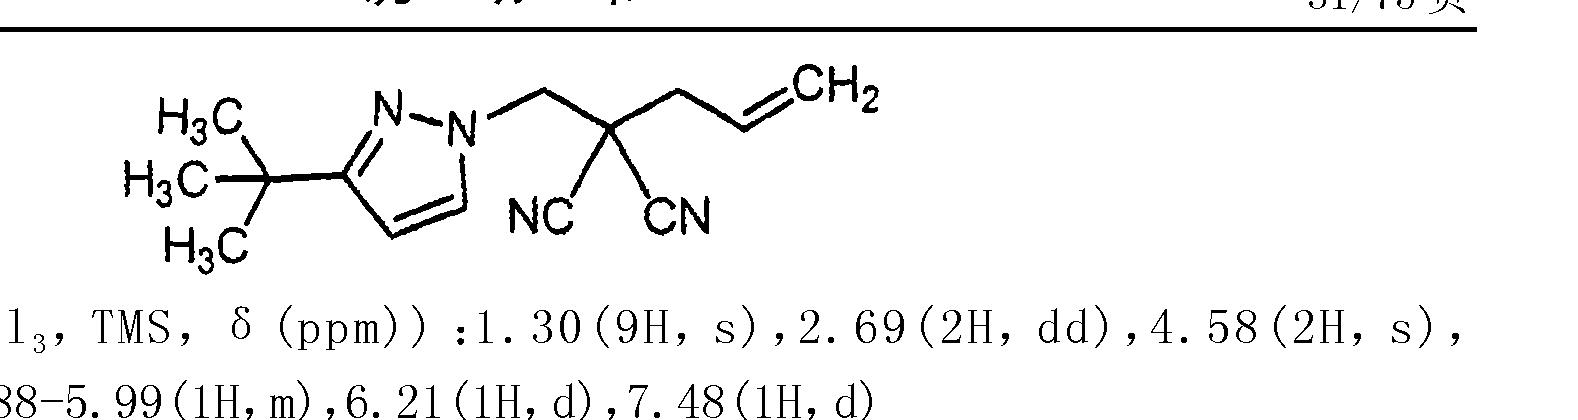 Figure CN101544606BD00331